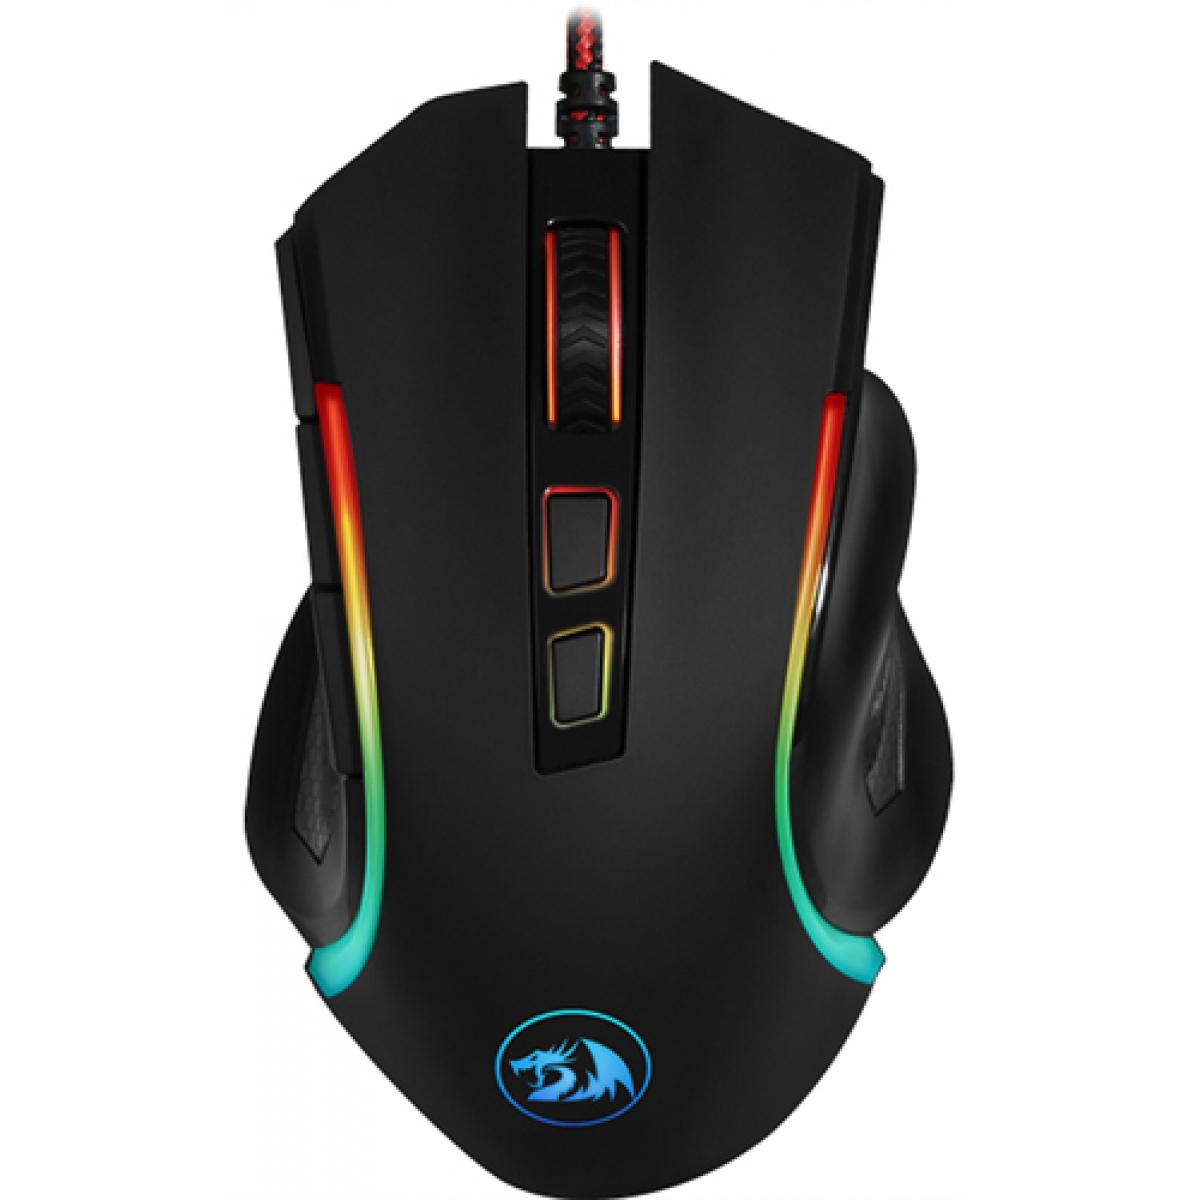 Mouse Redragon Gamer Griffin M607 RGB, 7200 DPI, 6 Botões, Black